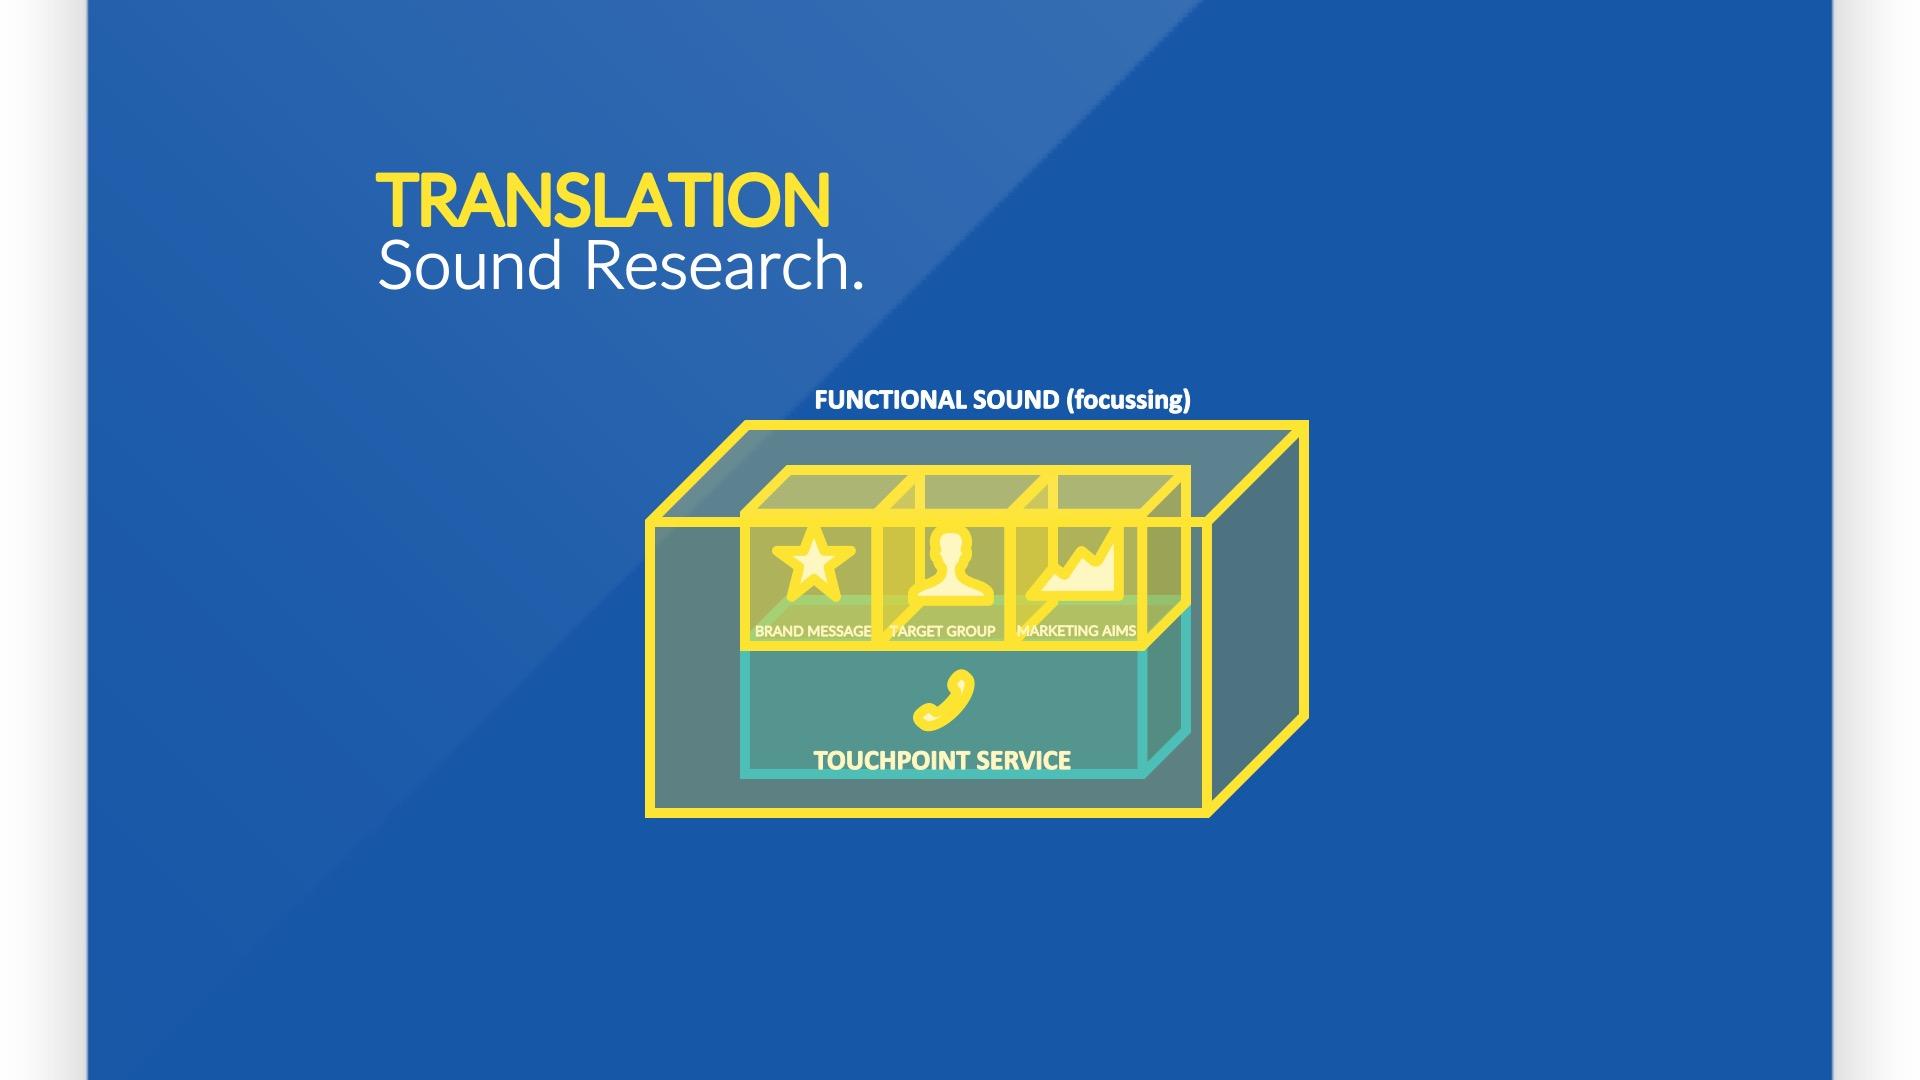 Der Klang von Service - Die klanglichen Leitlinien für das Service-Erlebnis wurden methodisch mittels Sonic DNA hergeleitet. Ein funktionaler Sound, der im Hintergrund stattfindet und eine beruhigende Atmosphäre erzeugt, wurde so ermittelt.